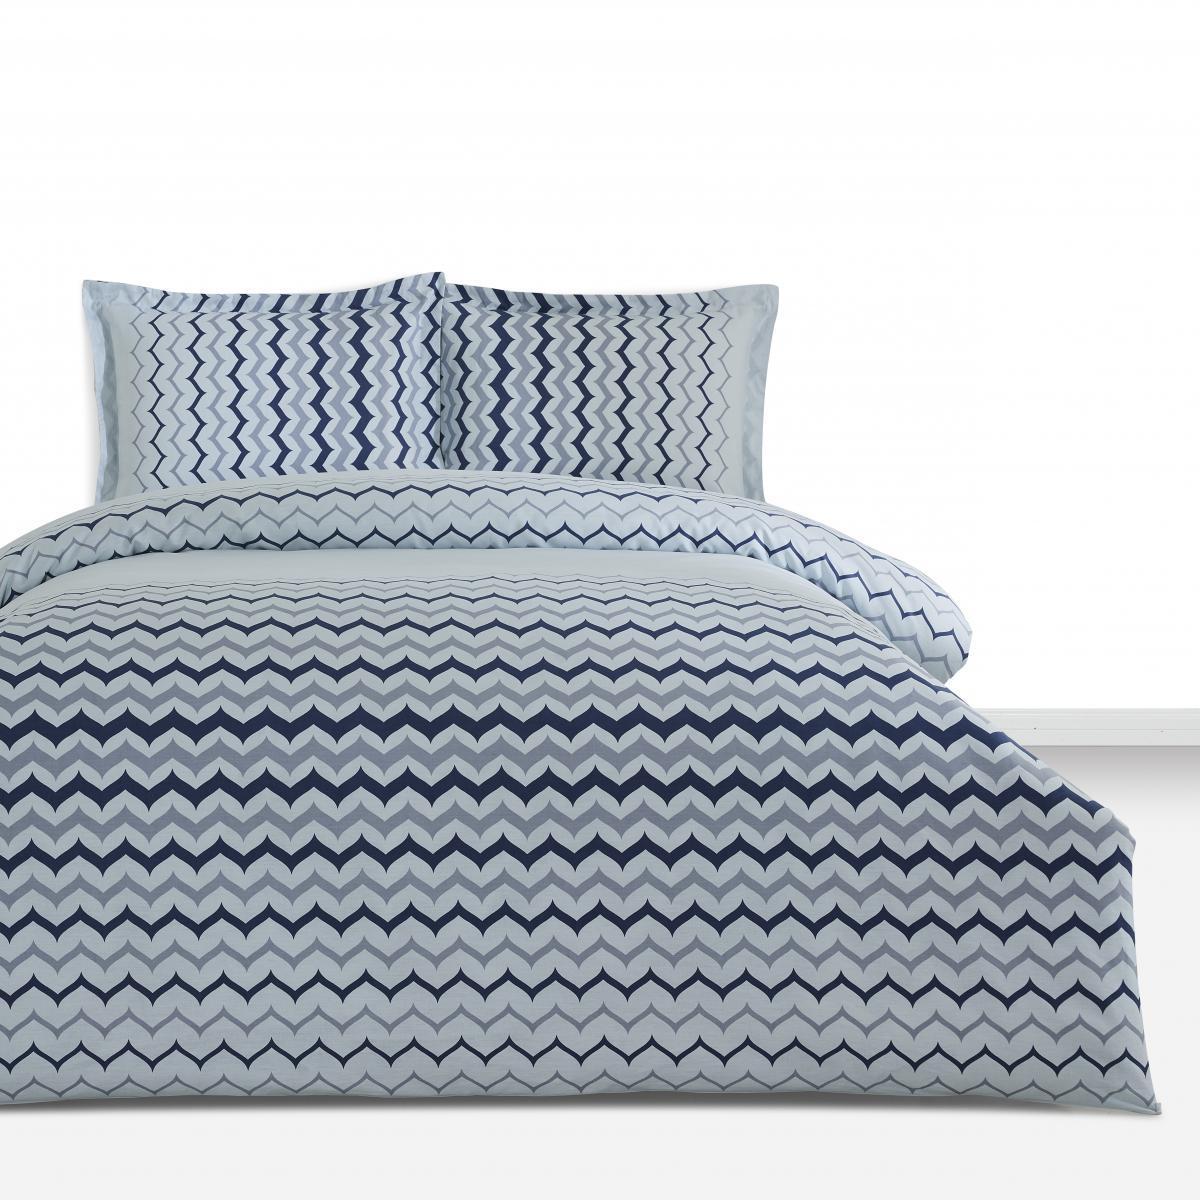 Комплект постельного белья Arya полуторный Simple Living Lita 160х220 см. (A107016)